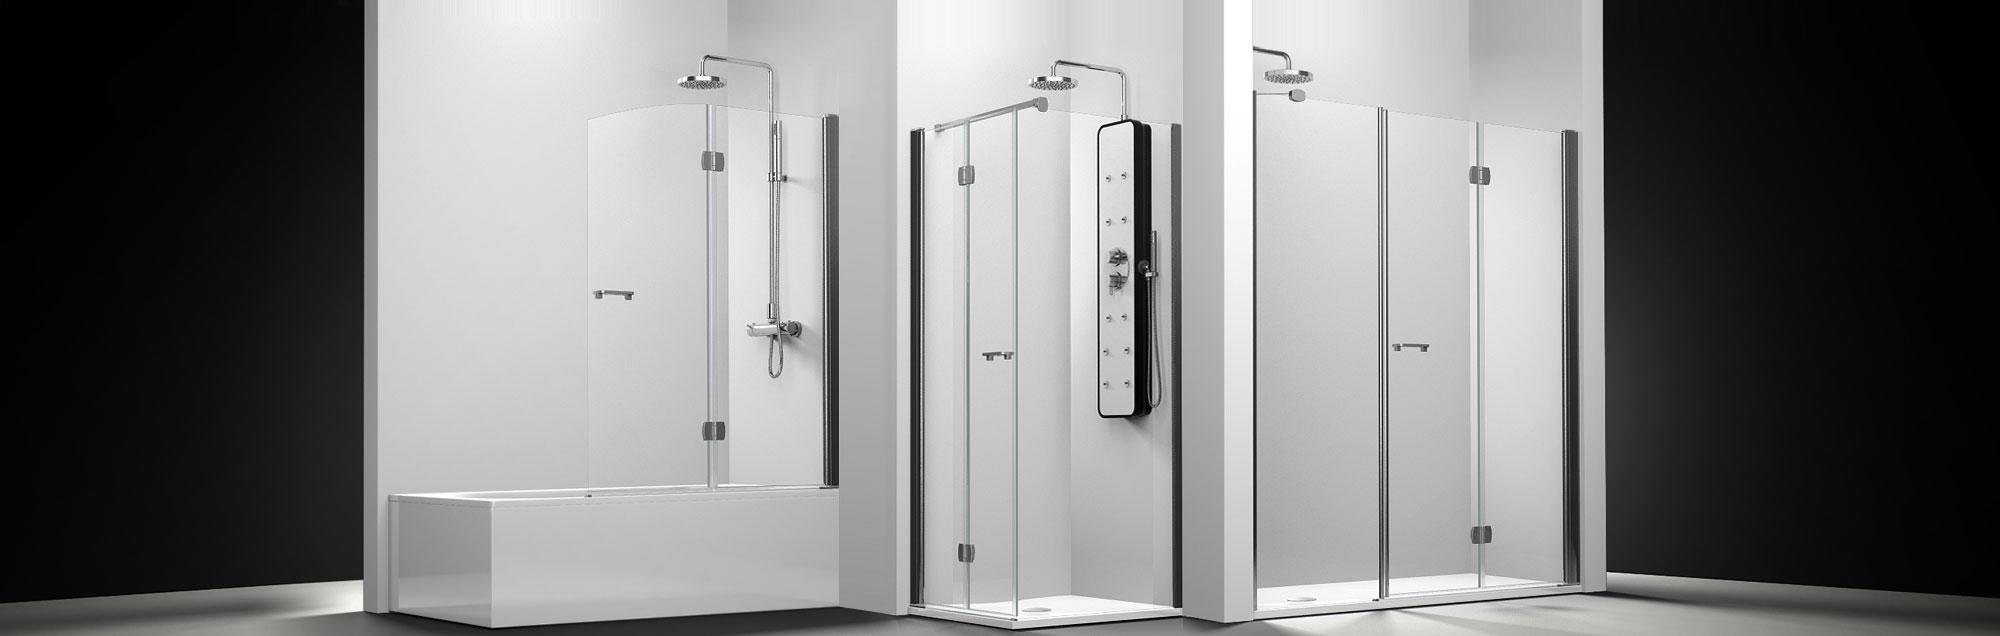 Serie Arcoíris Plus de mamparas plegables de ducha a medida